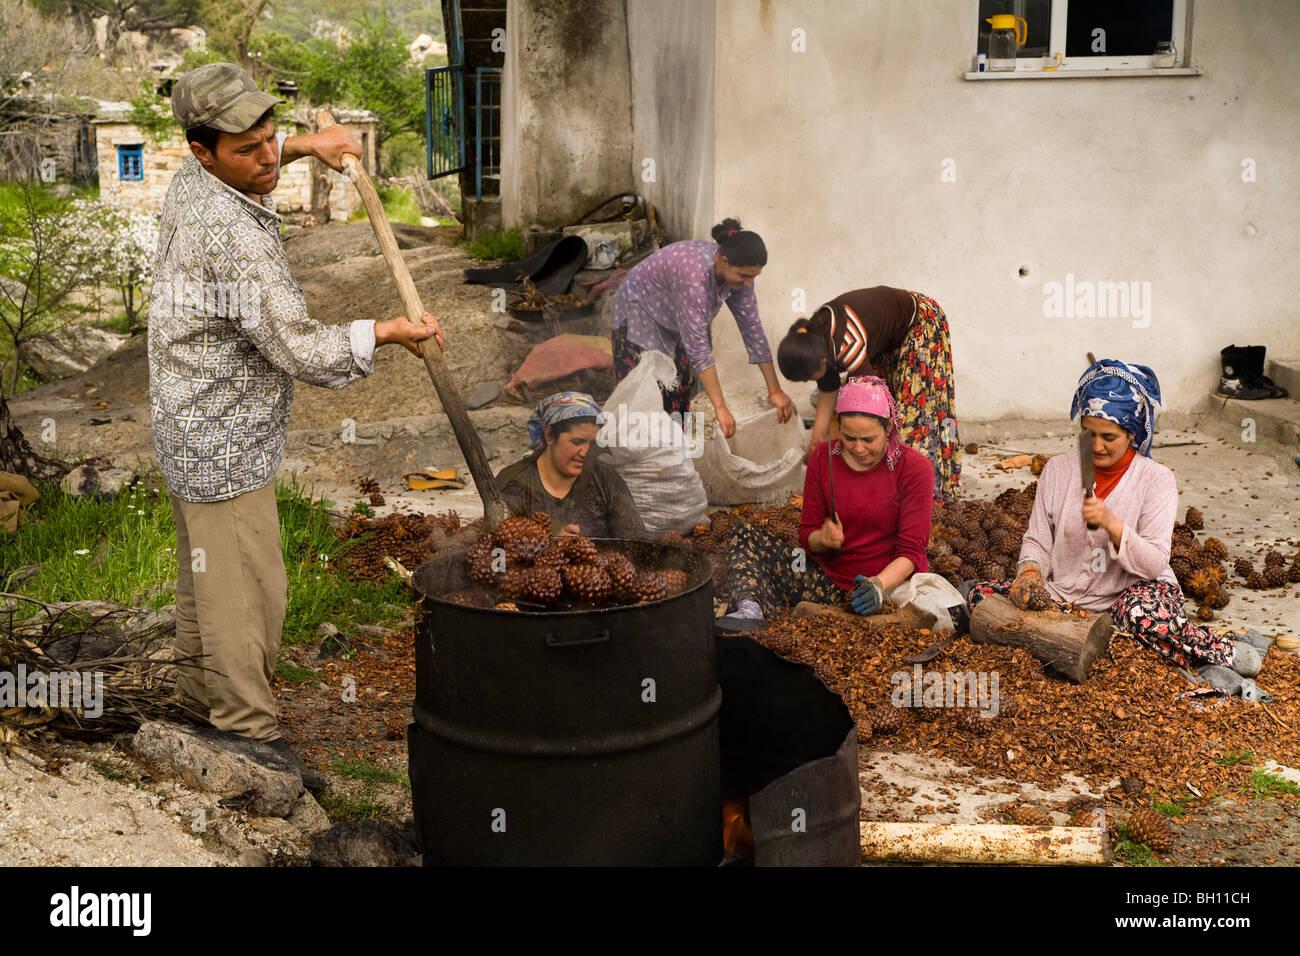 People seperating connifer seeds, Kapikiri Village Bafa Lake National Park Turkey - Stock Image